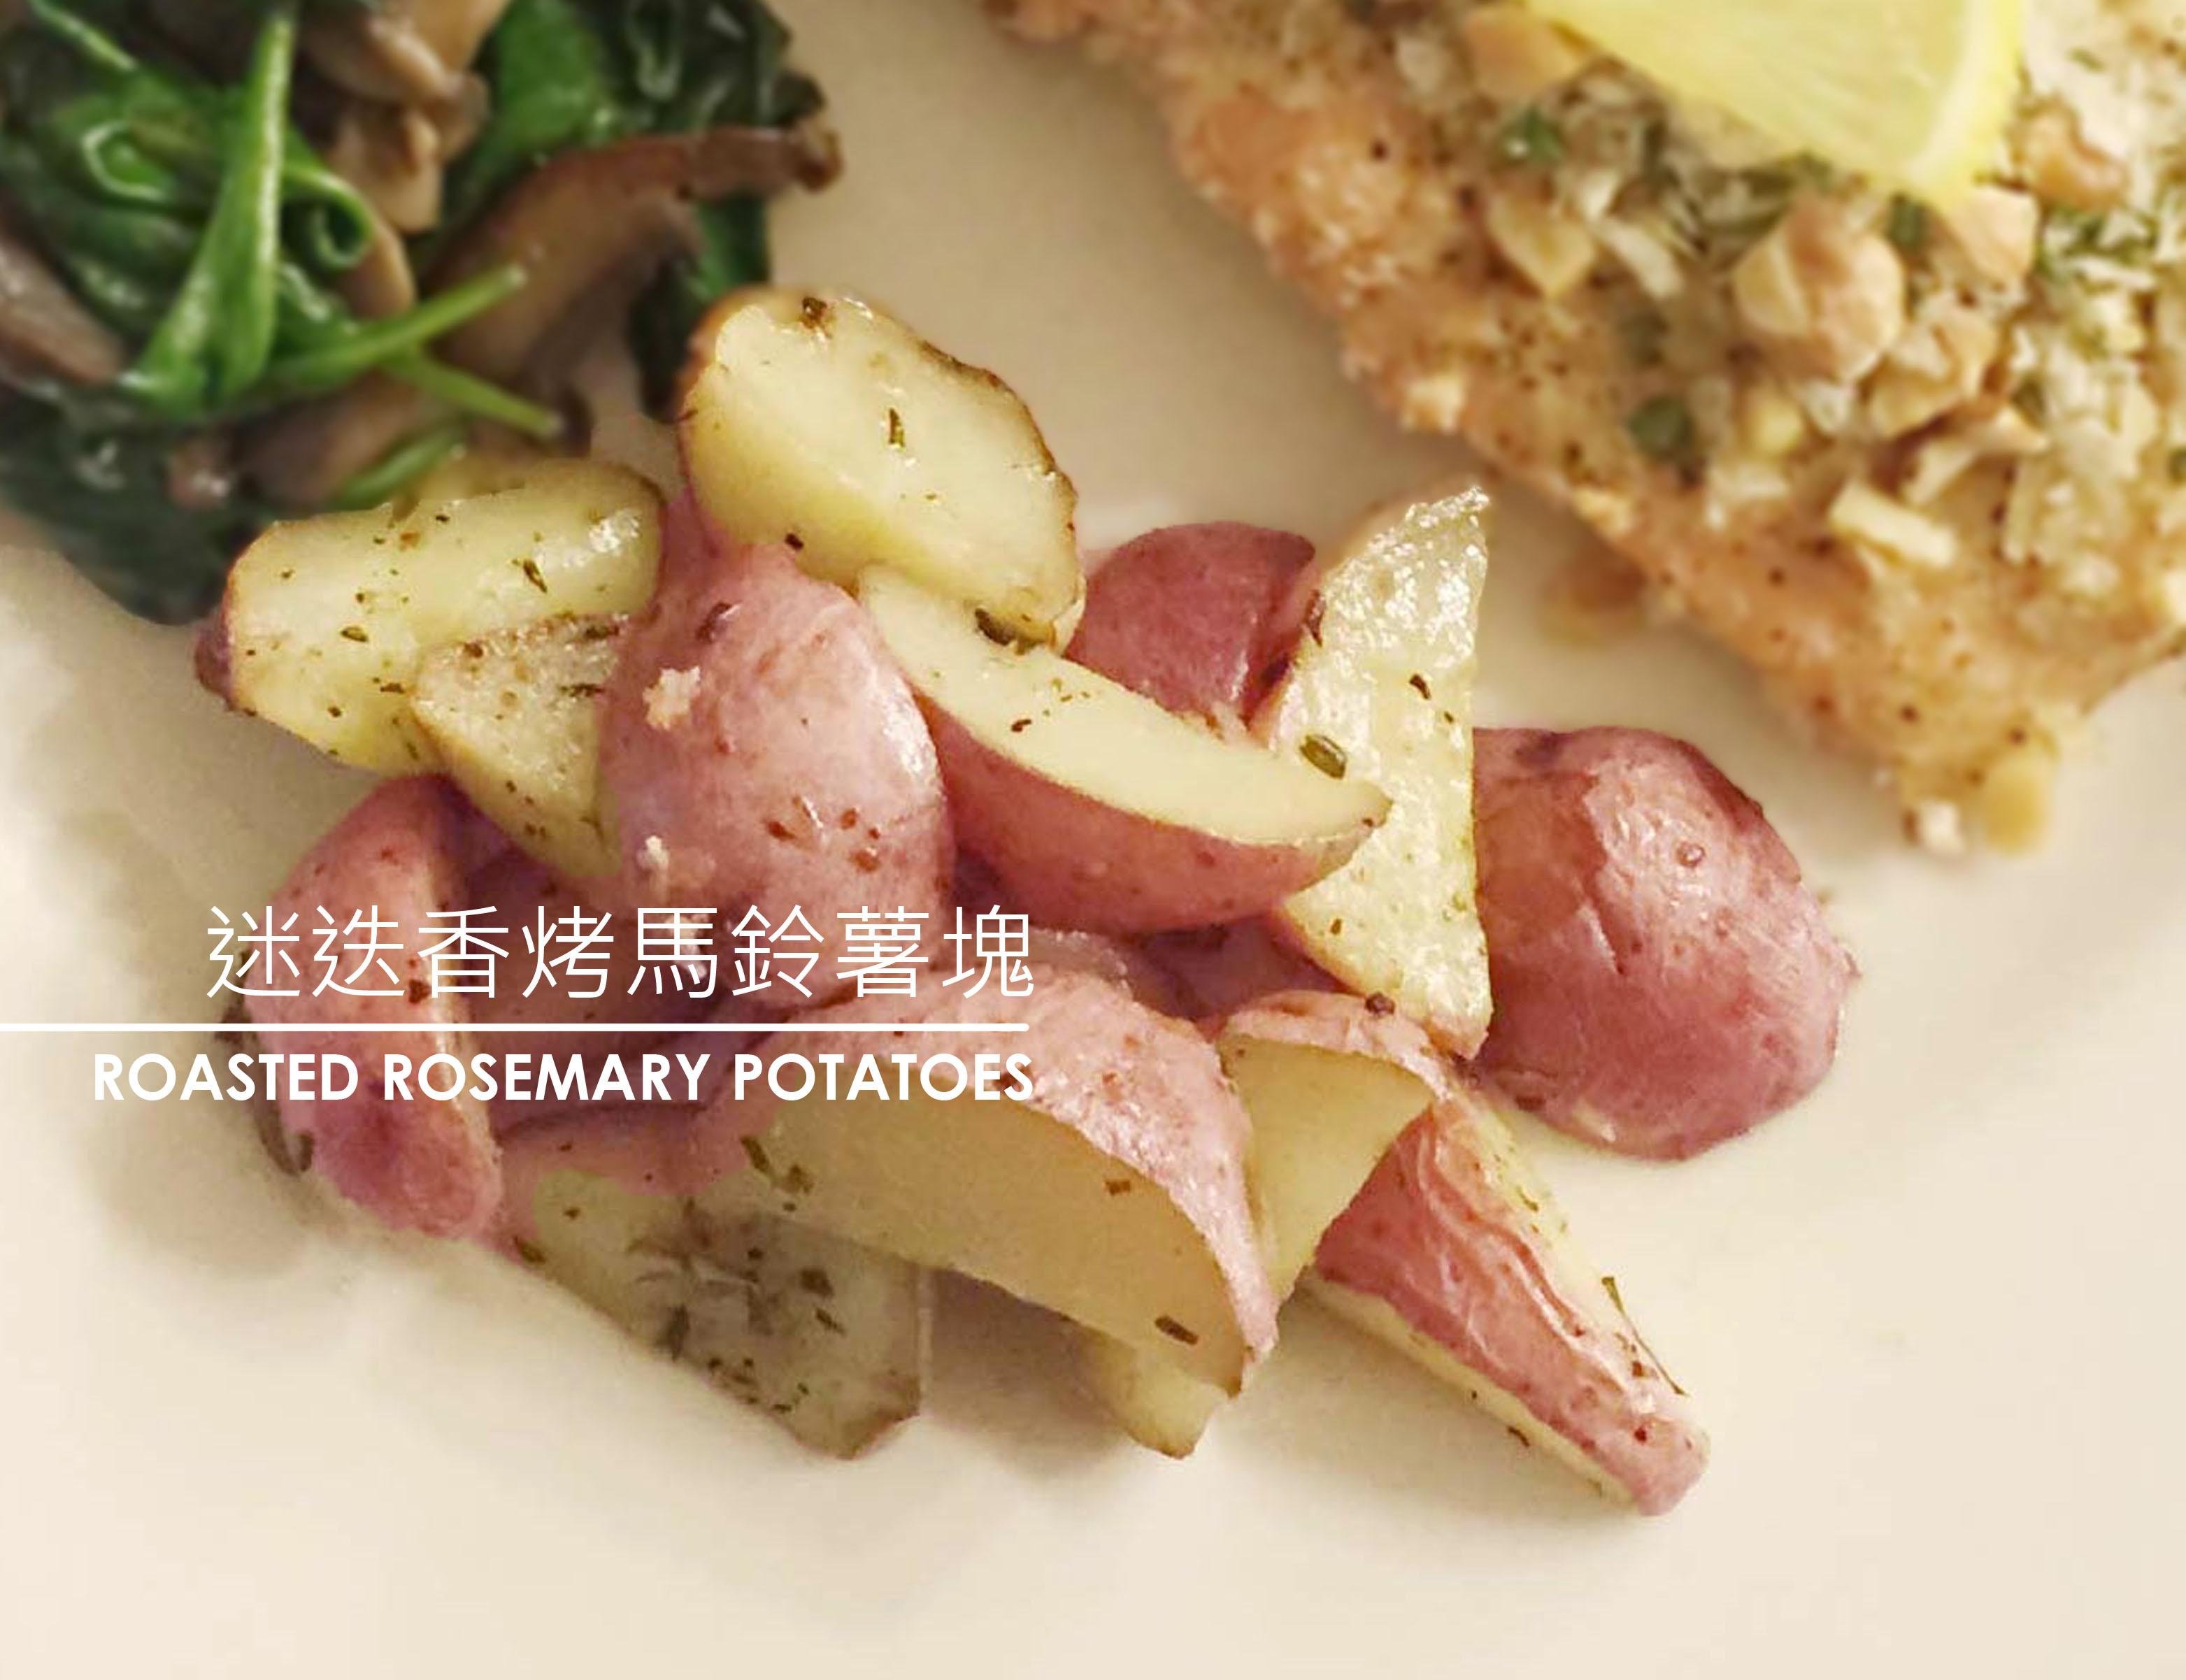 配菜 - 迷迭香烤馬鈴薯塊